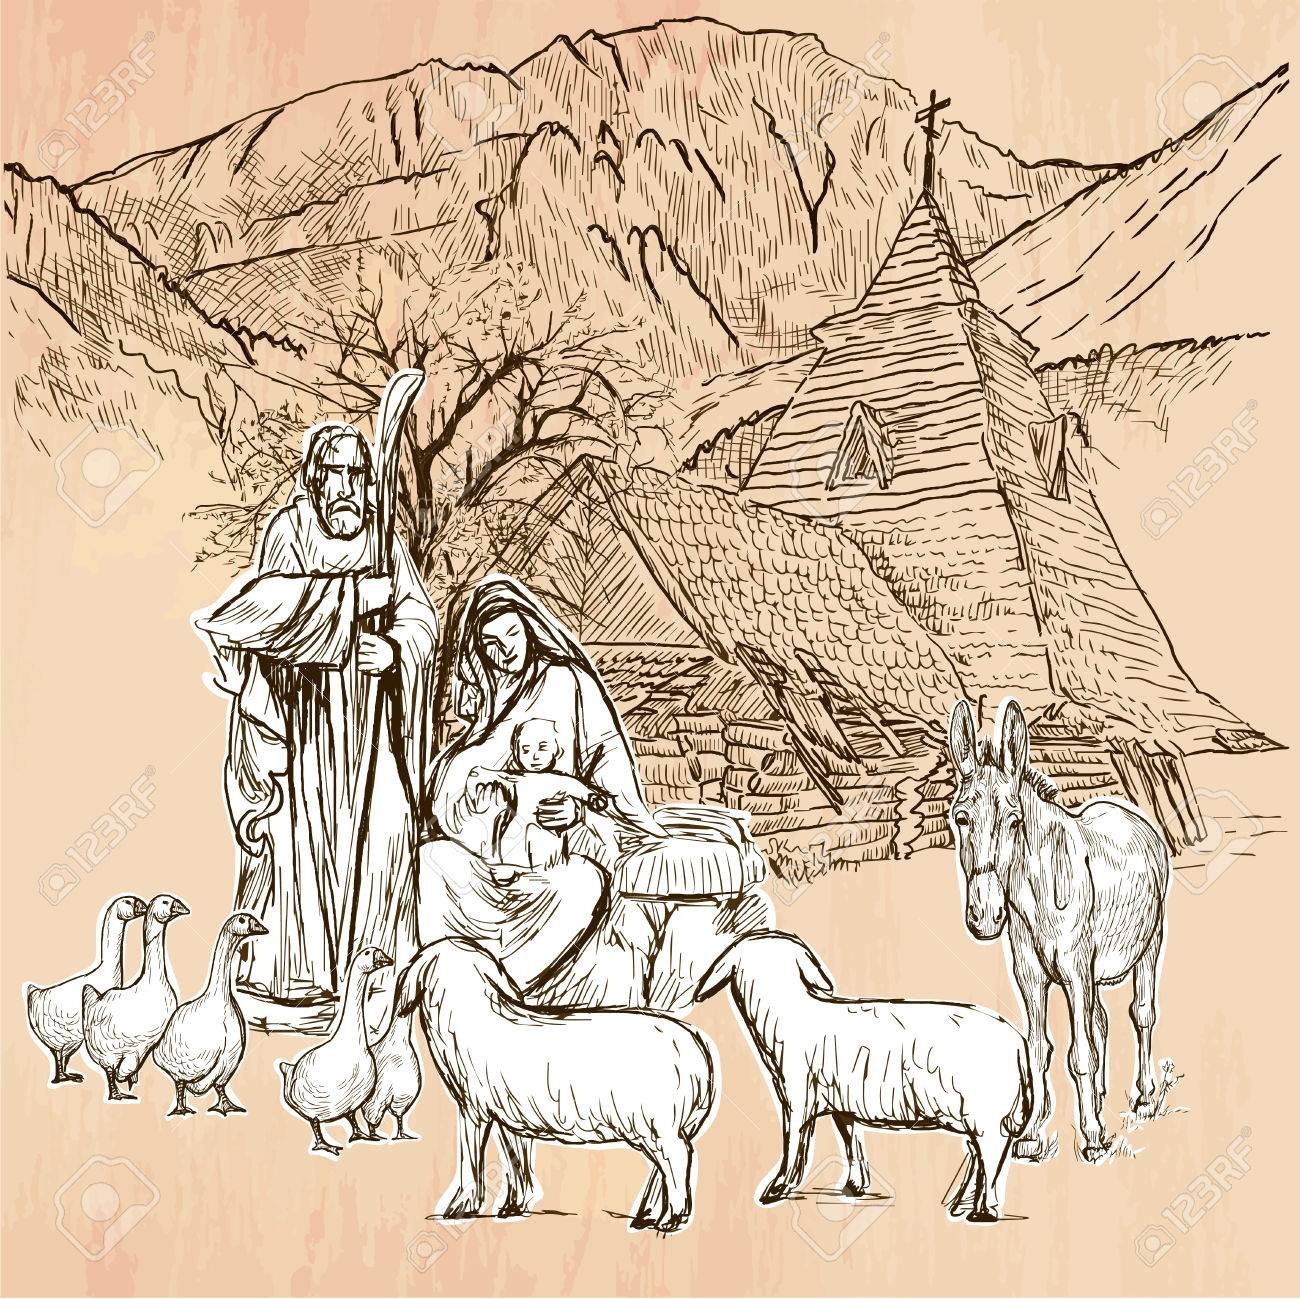 Sagrada Familia Jesús Bebé Nacimiento De Jesús Trazado A Mano Alzada Dibujo Lineal Una Ilustración Vectorial De Dibujado A Mano Color De Fondo